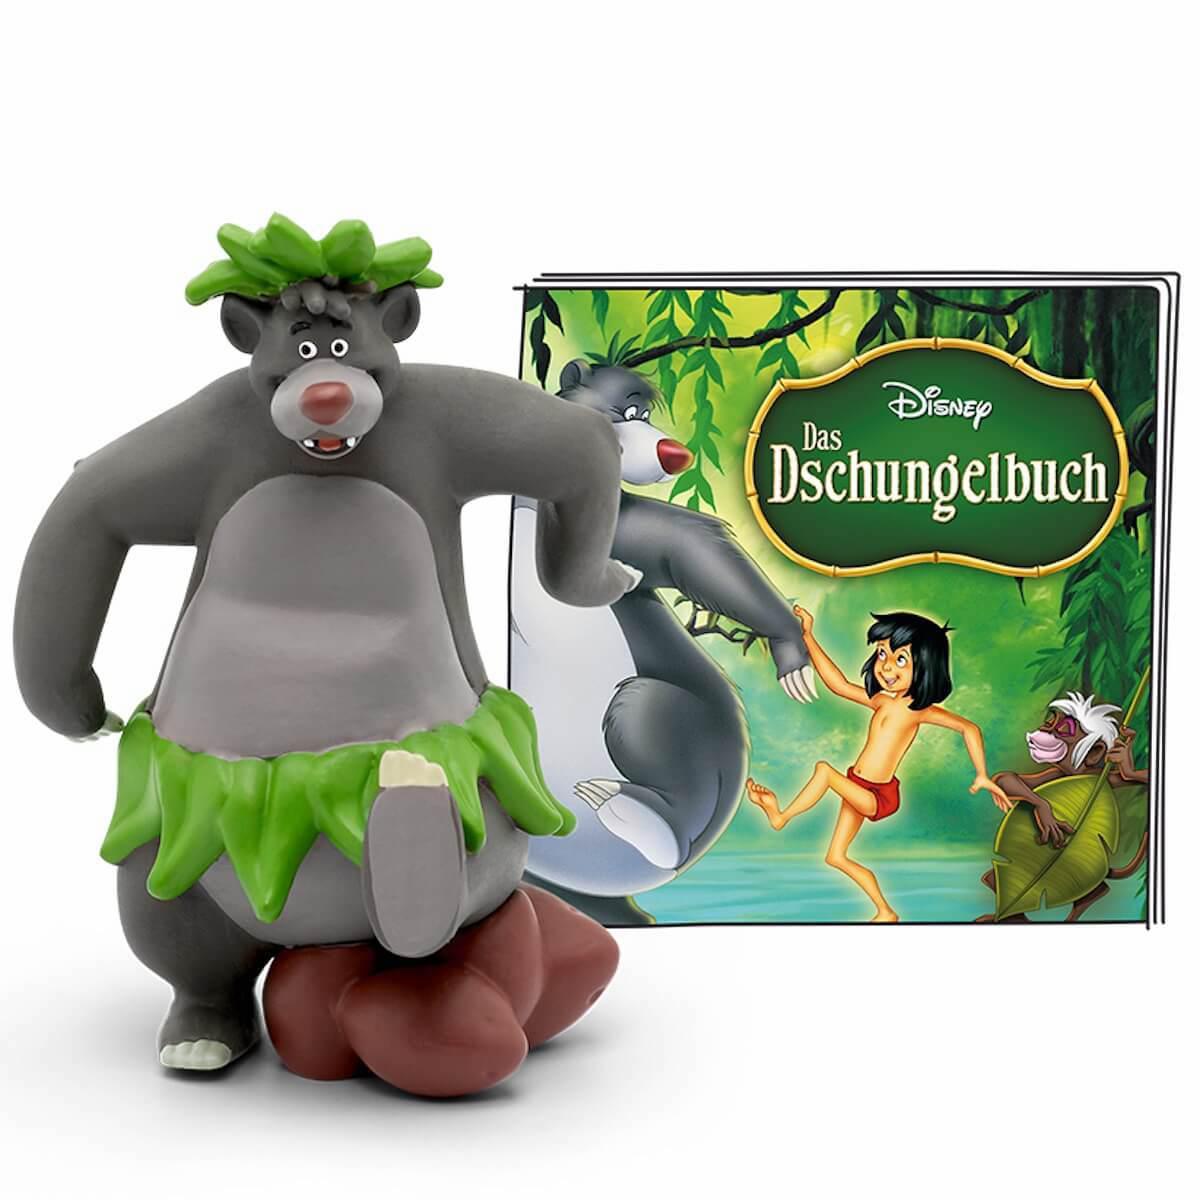 Hörspielfigur TONIES Disney Das Dschungelbuch